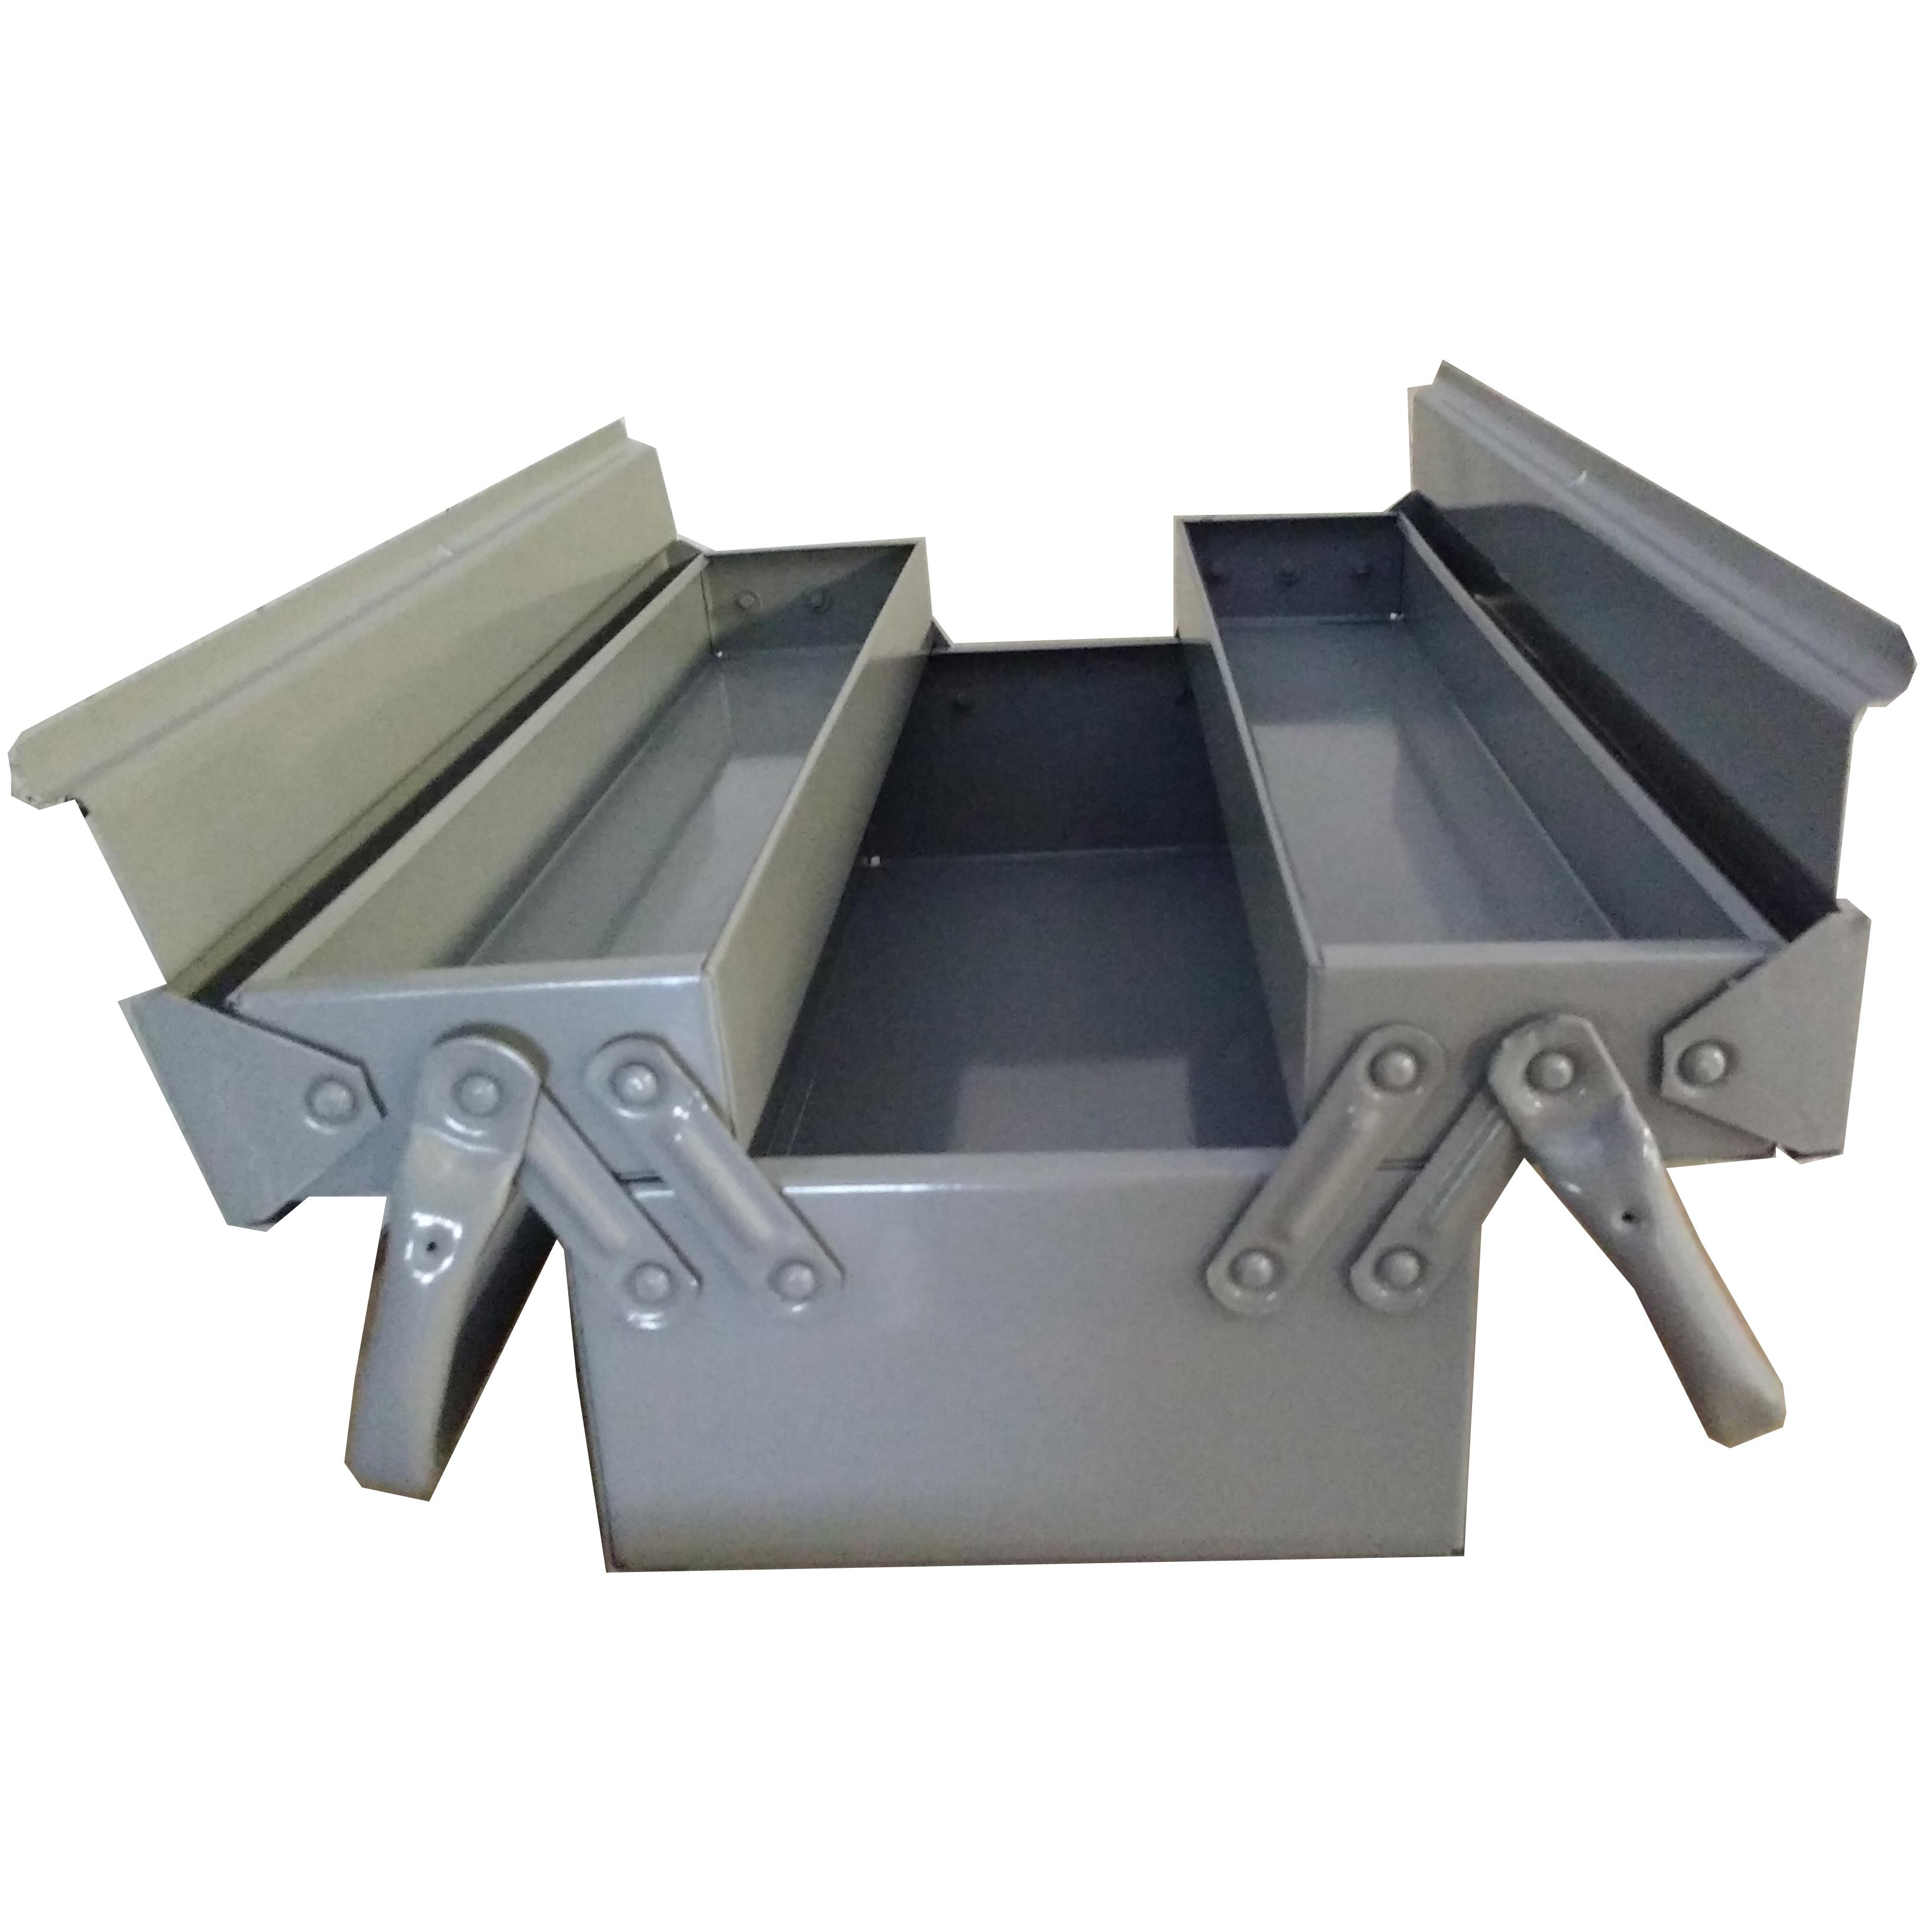 http://www.nilart.com.br/galeria/caixa-ferramentas-sanfonada-3-gavetas-50-cm-cabo-movel-reforcada-400.035-2.jpg